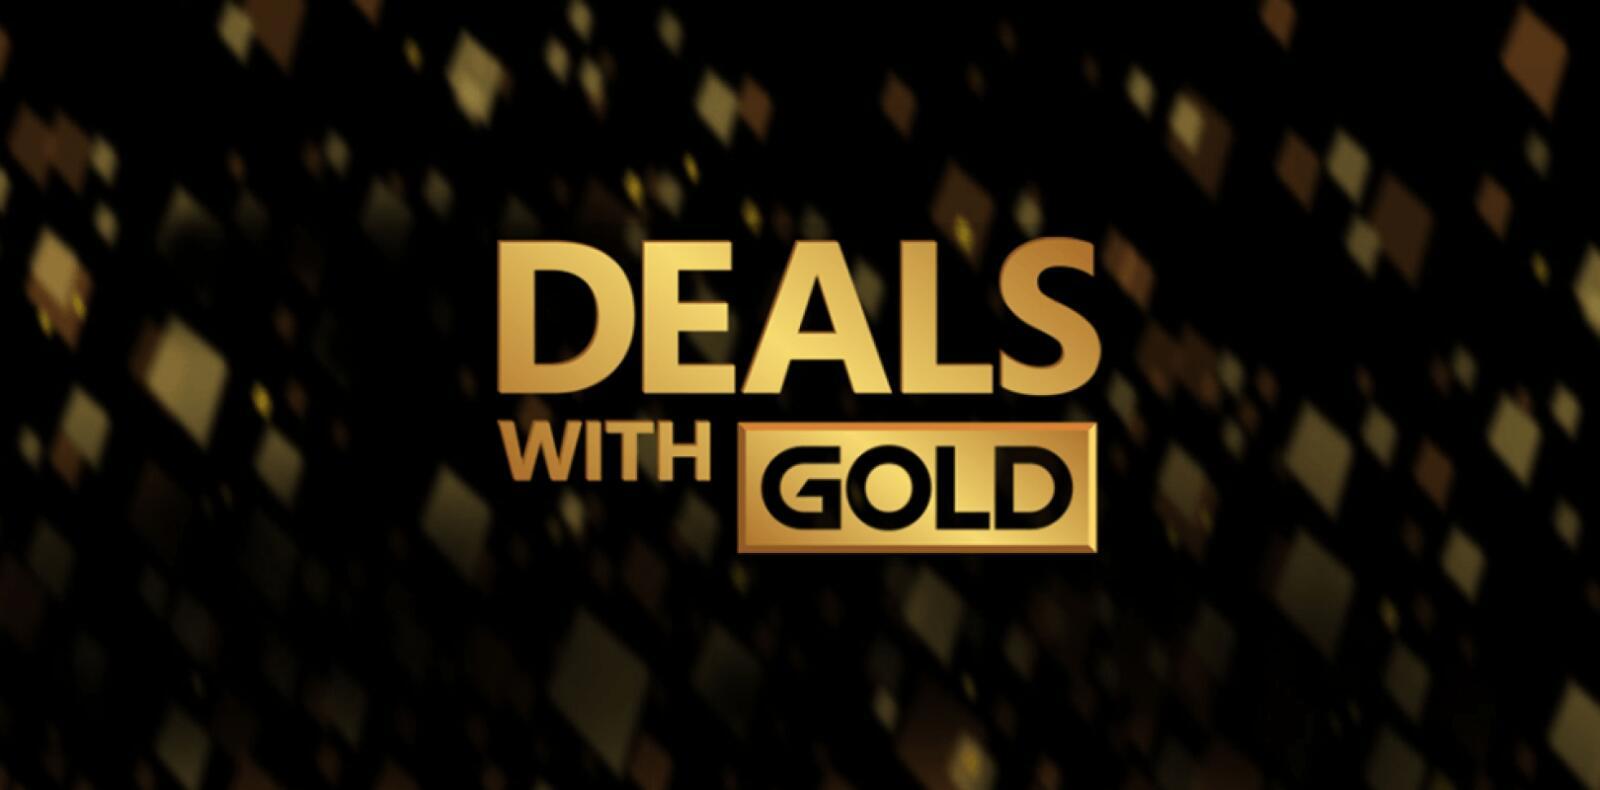 Xbox: Deals With Gold semana del 6 al 13 de octubre de 2020